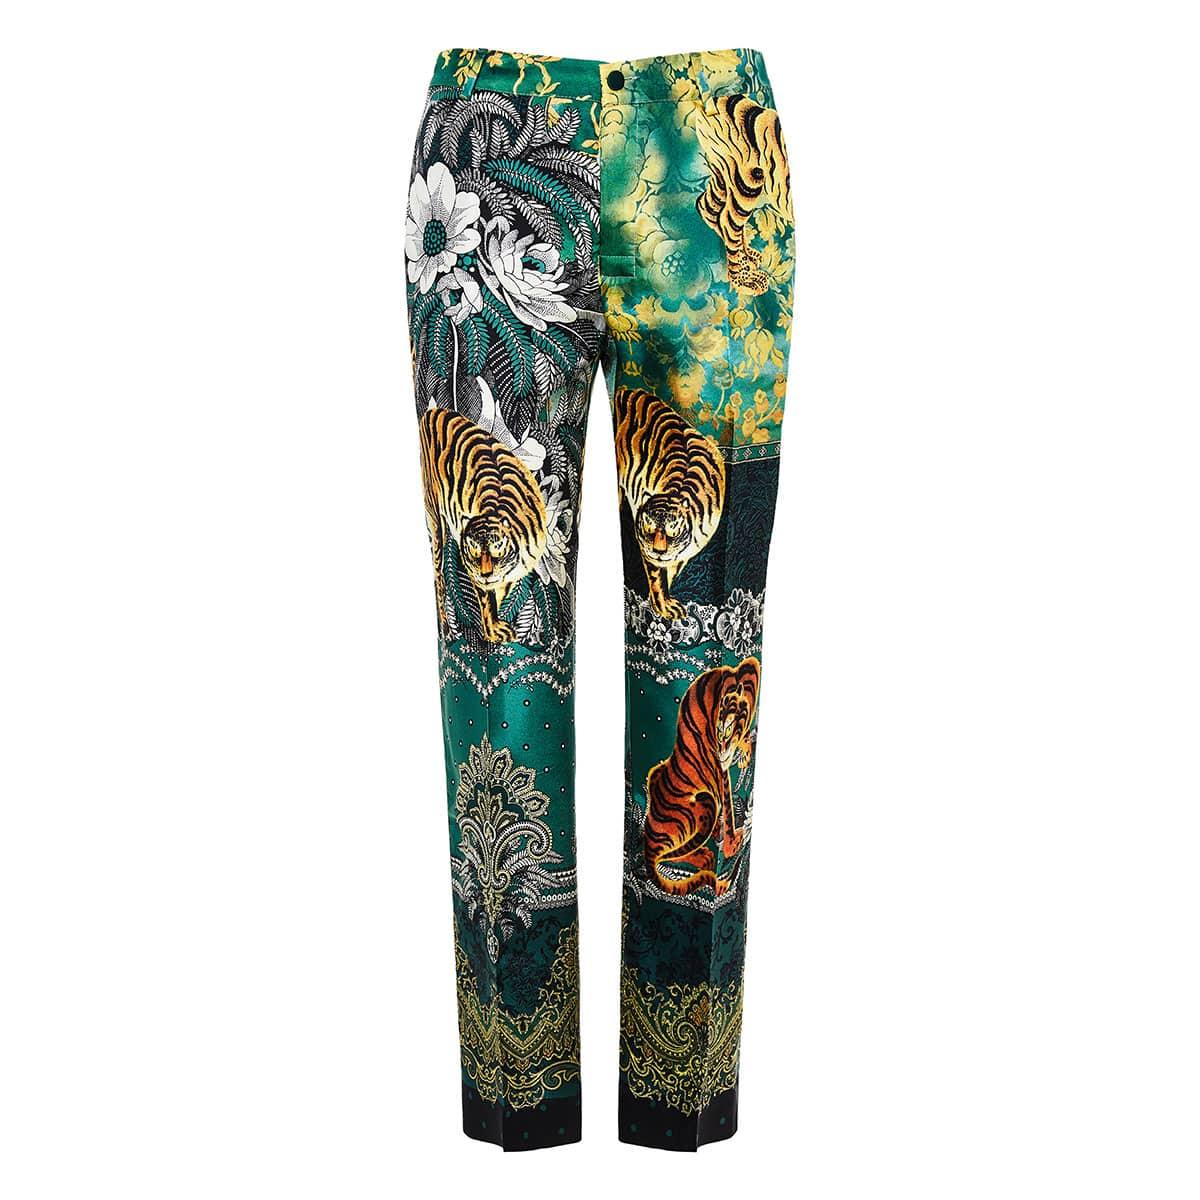 Tartaro printed cropped pajama trousers